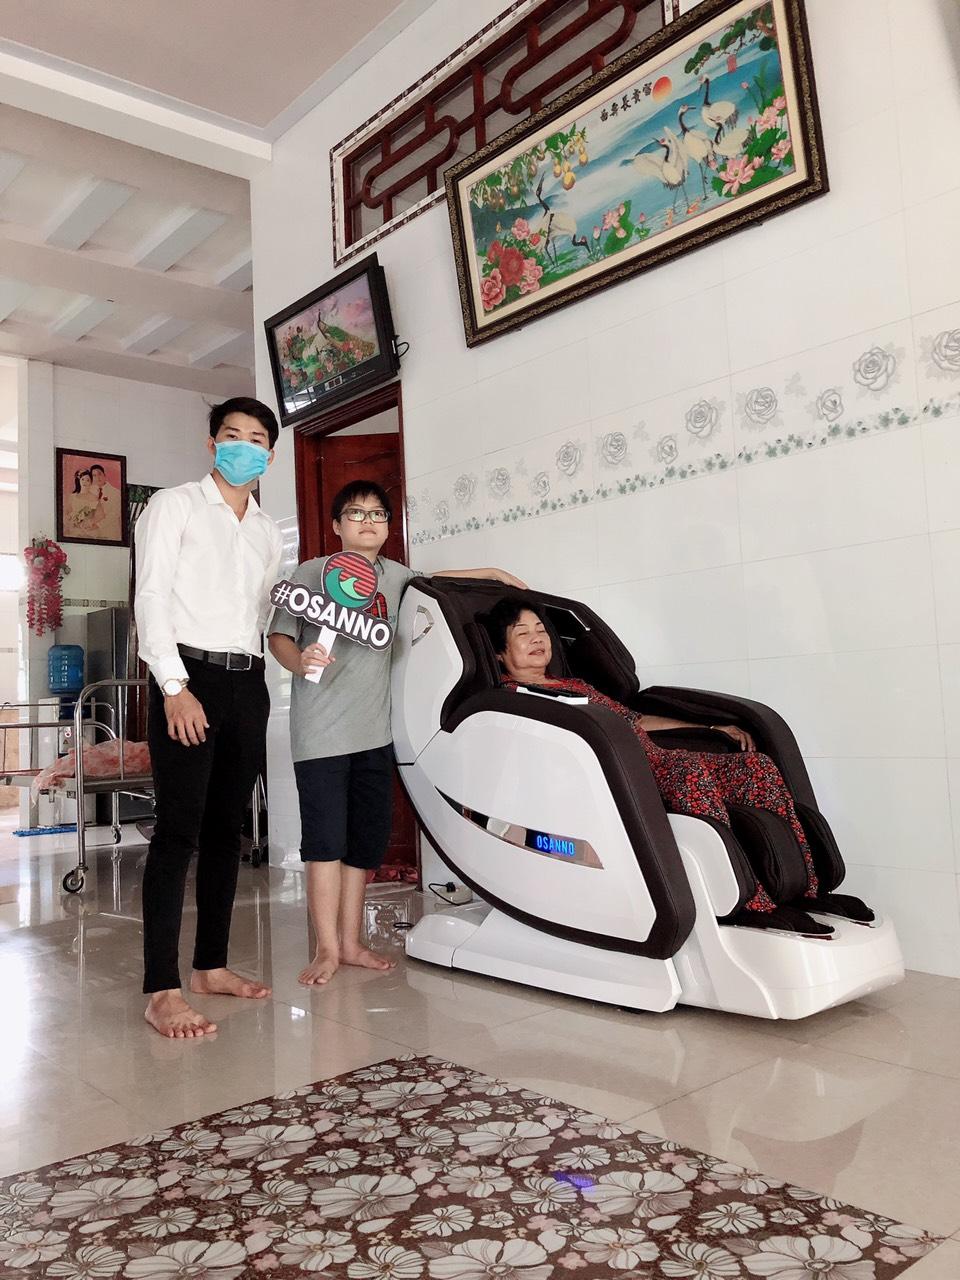 Osanno OS-868, dòng ghế độc quyền tại thị trường Việt Nam